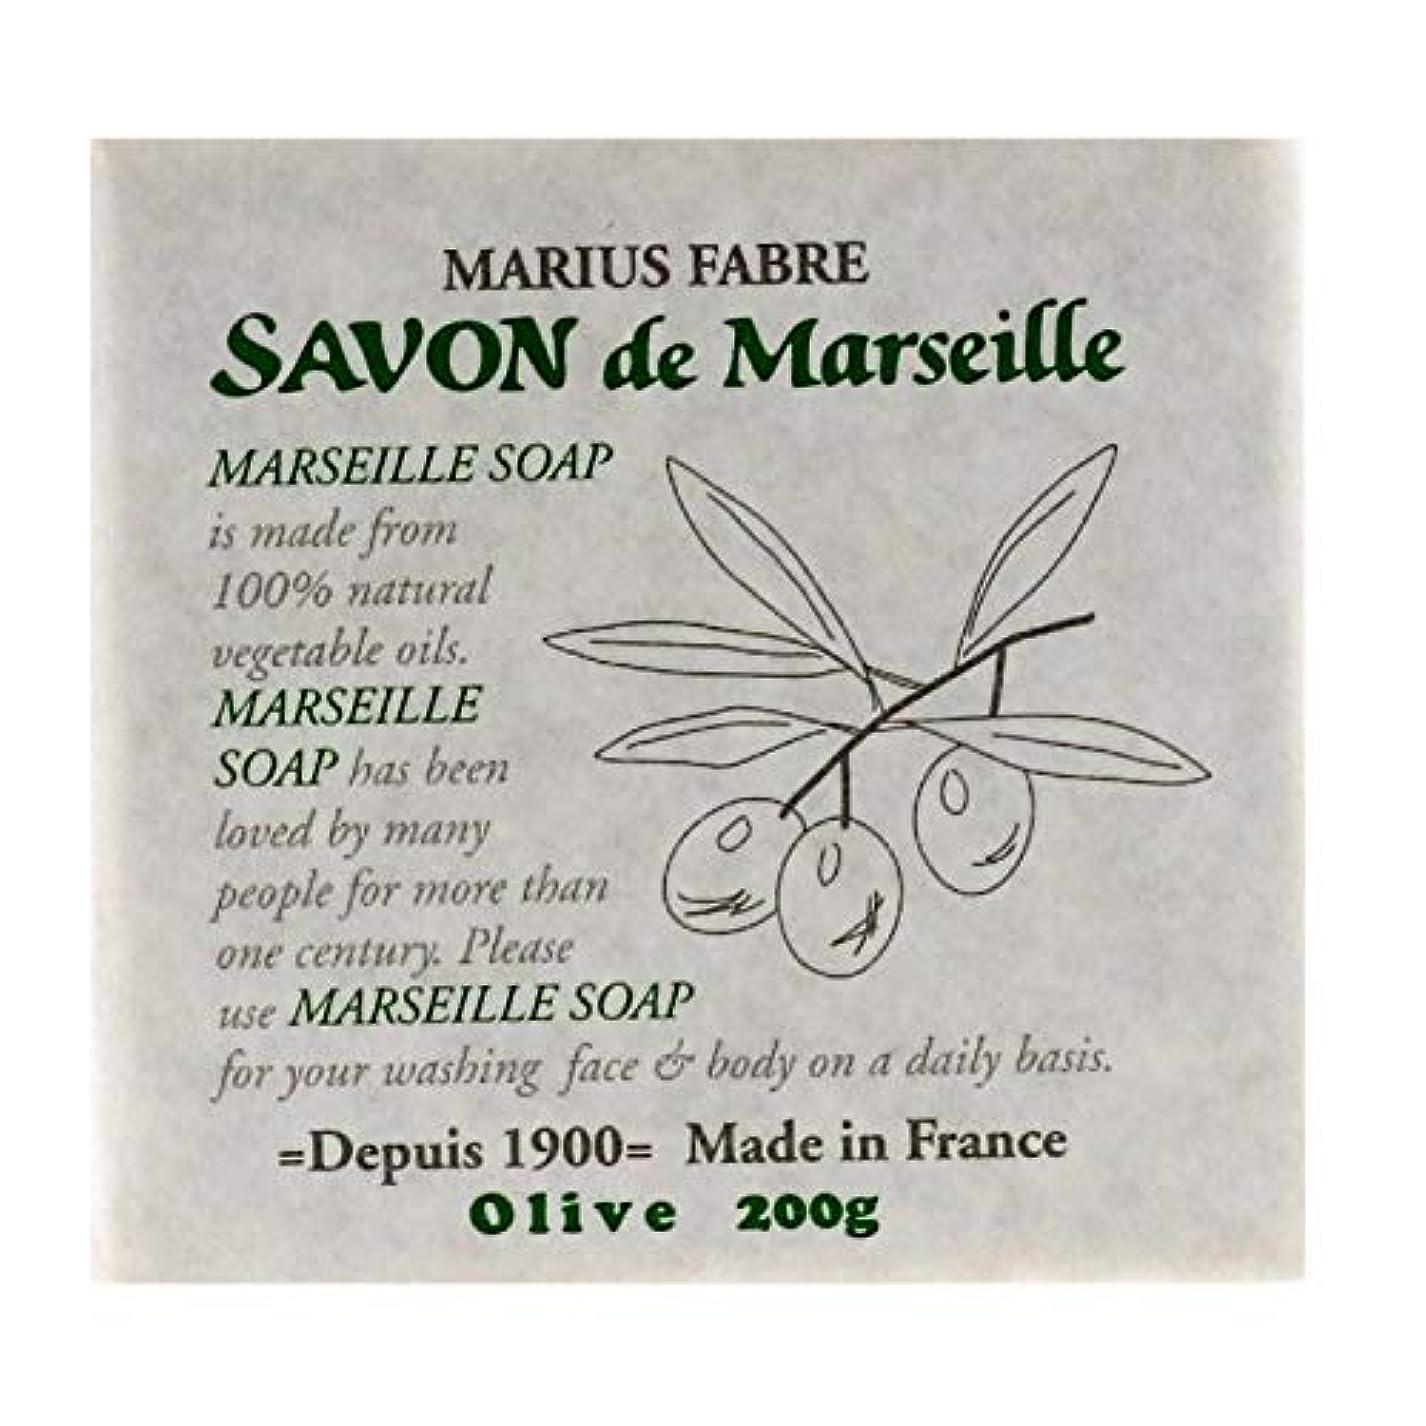 散逸ブラウズ知るサボンドマルセイユ 無香料 オリーブ 200g